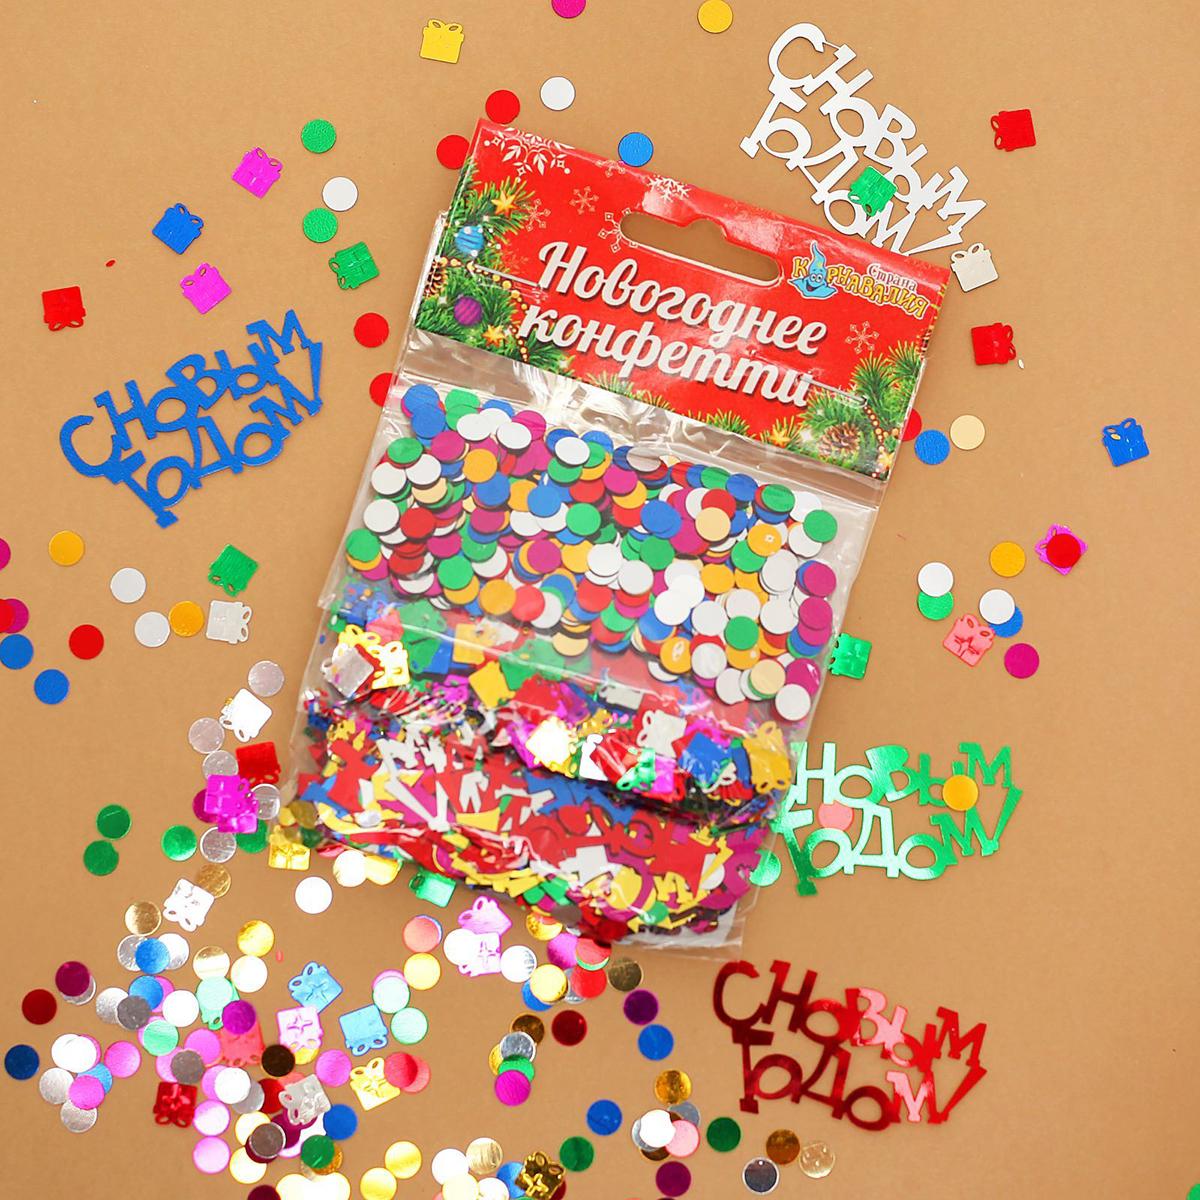 Набор конфетти Страна Карнавалия С Новым годом. Подарок, 3 шт1130189Яркое конфетти Страна Карнавалия создаст неповторимую атмосферу праздника! Красочные фигурки станут эффектной точкой вашего выступления или поздравления. Наберите их в ладони и в ключевой момент подбросьте вверх. Они окутают всех вокруг разноцветным облачком. С этим атрибутом легко произвести фурор на любой вечеринке или привнести нотку праздника в обычные дни.